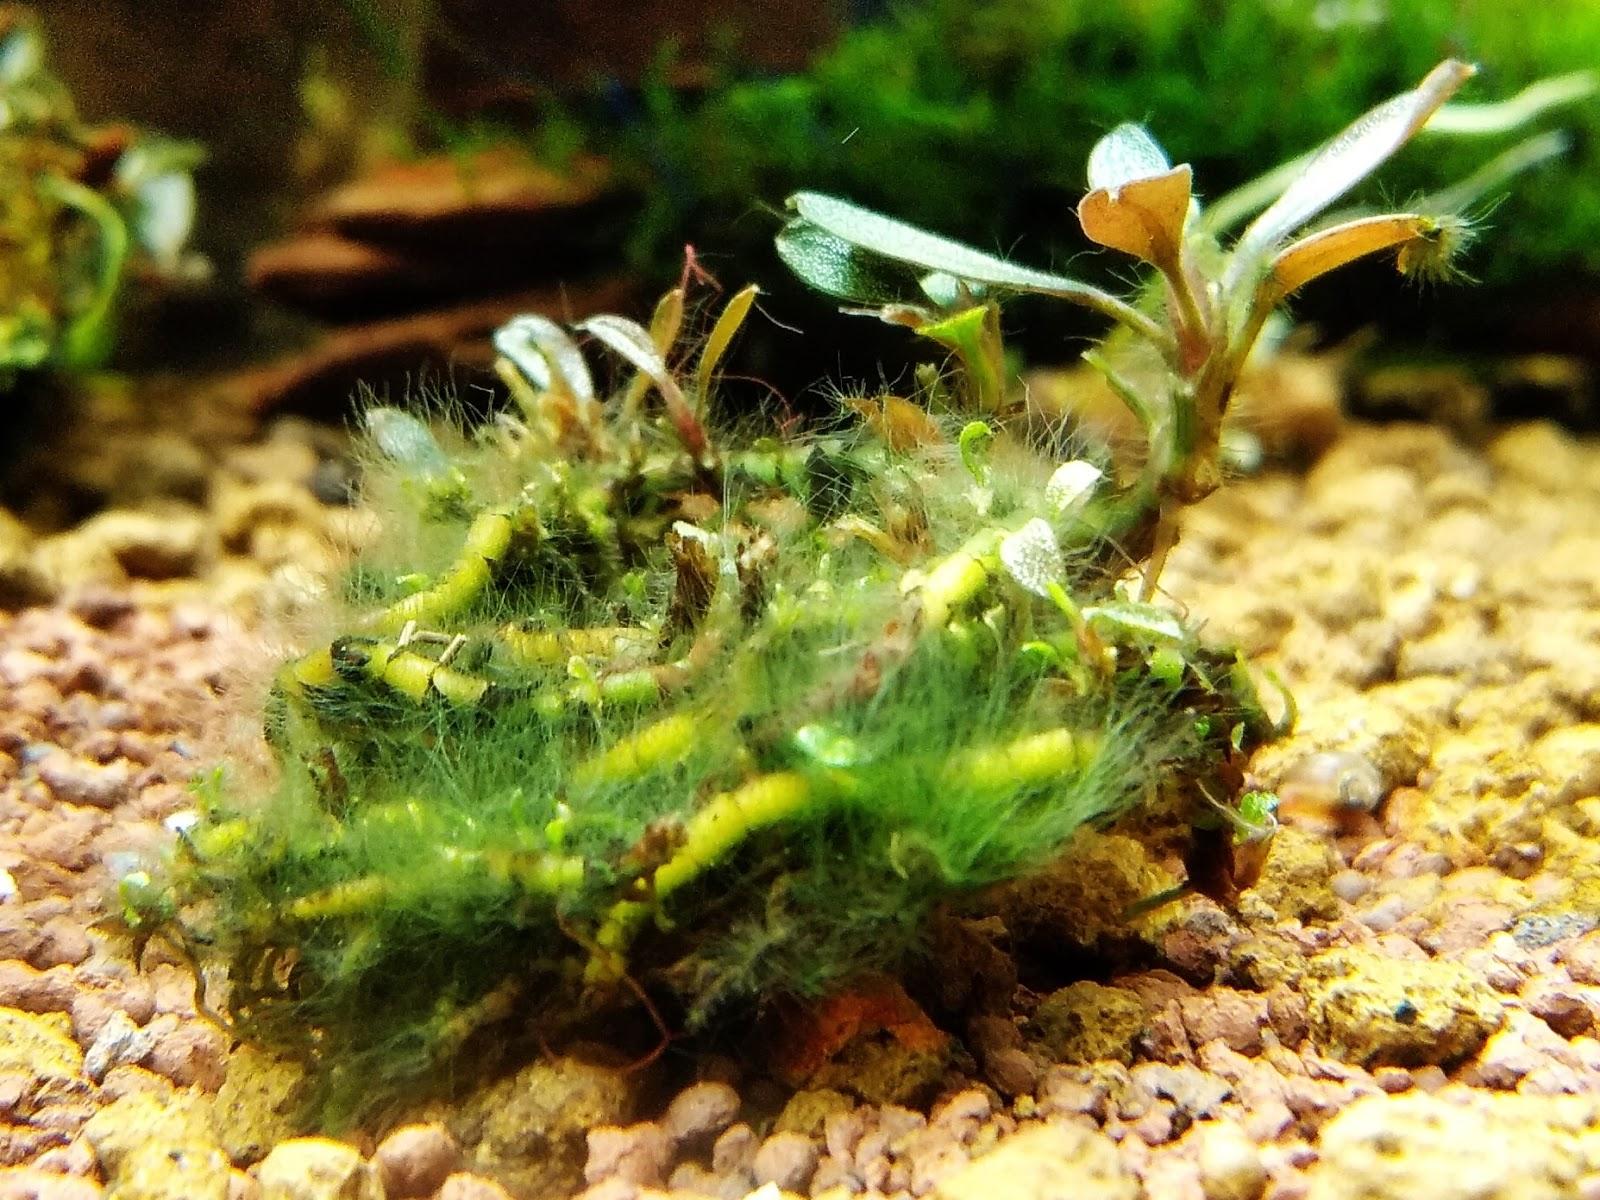 Một trường hợp diệt rêu tóc trong hồ thủy sinh thành công dùng thuốc Nuphar